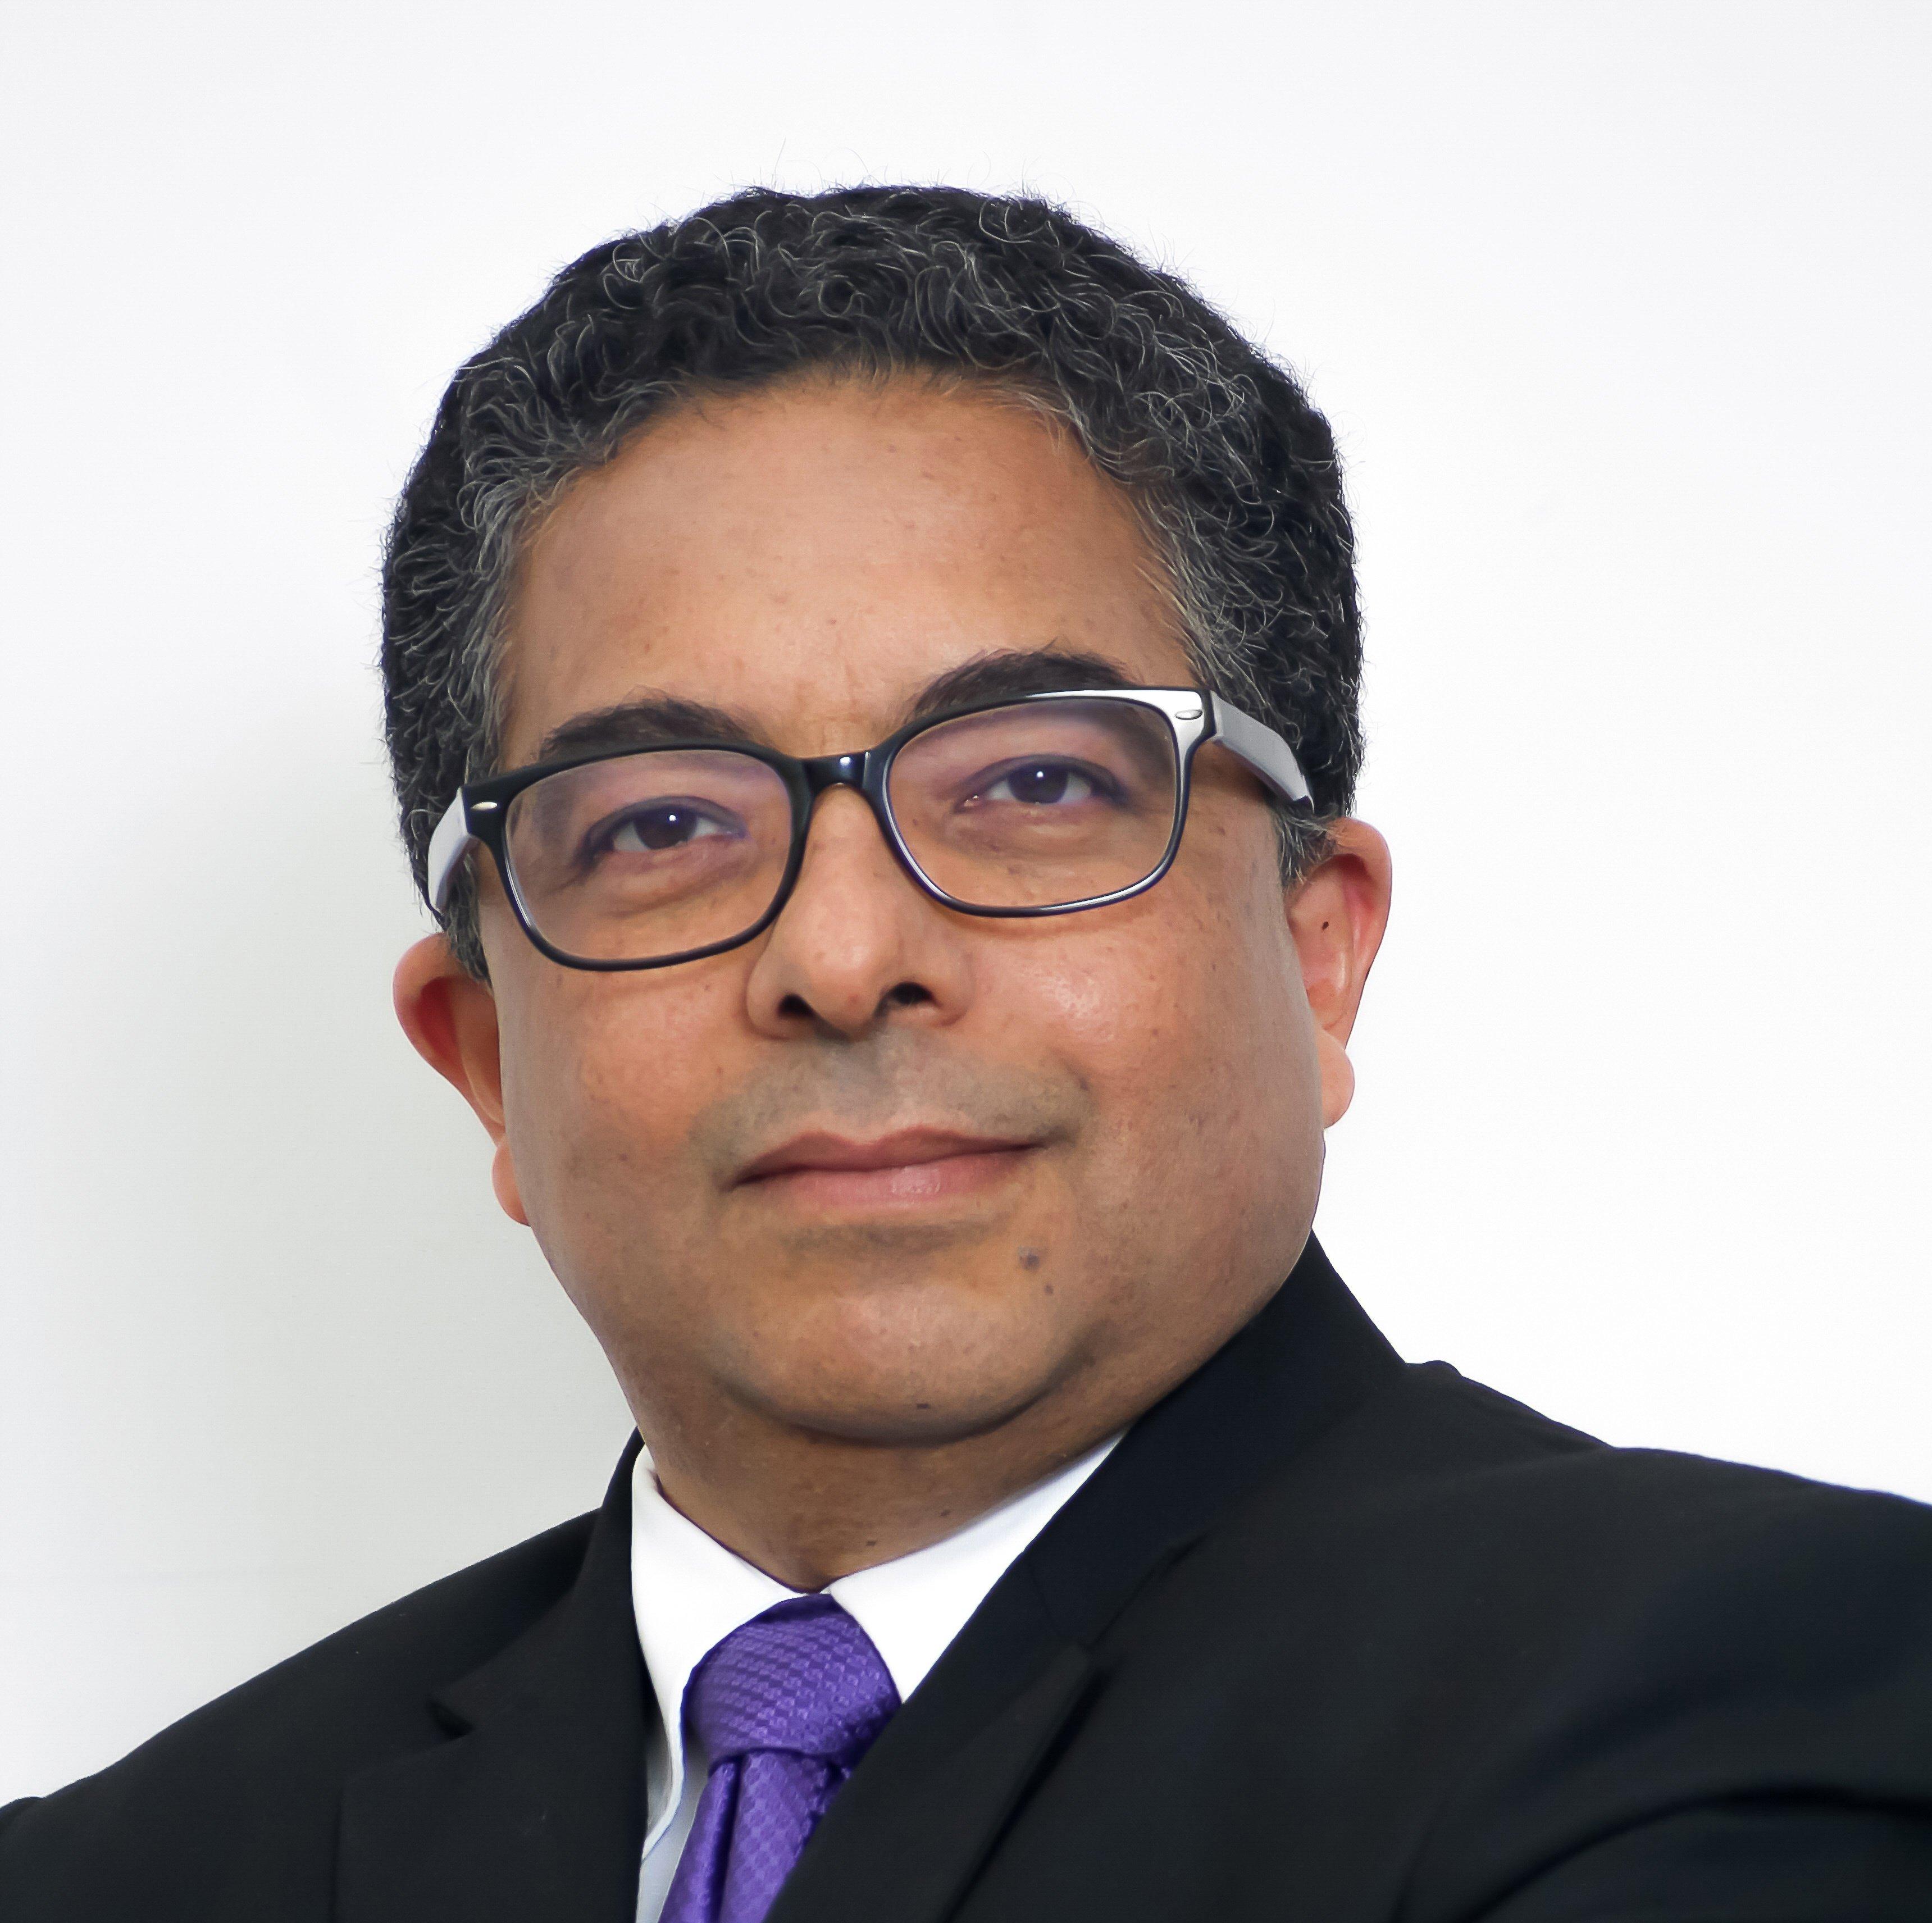 Andrés Corrales Angulo